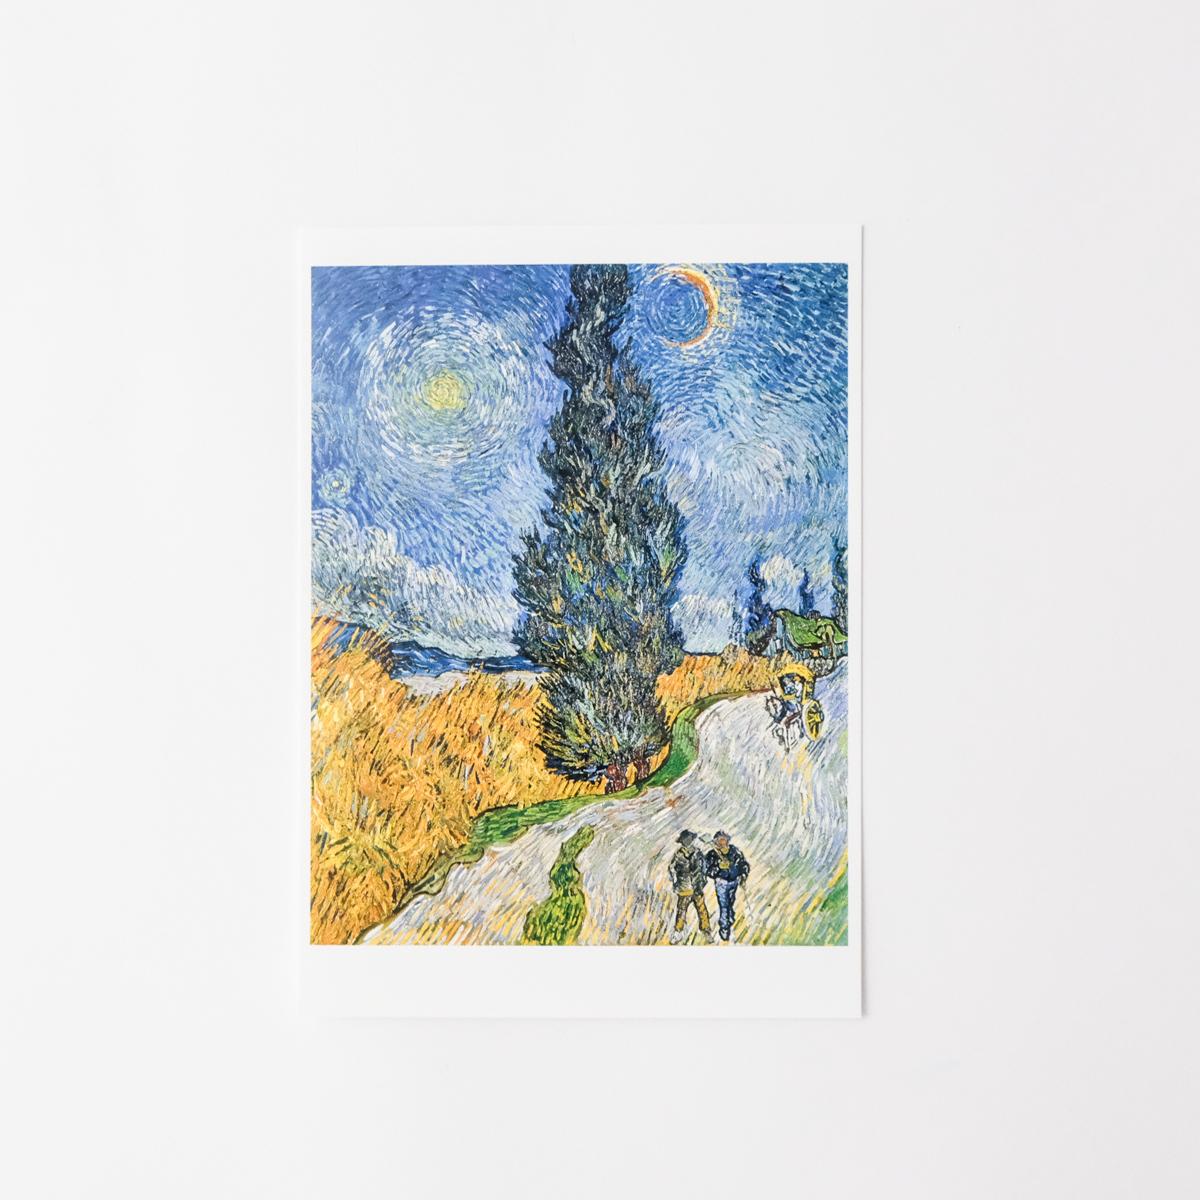 ゴッホ ポストカード 糸杉と星の見える道